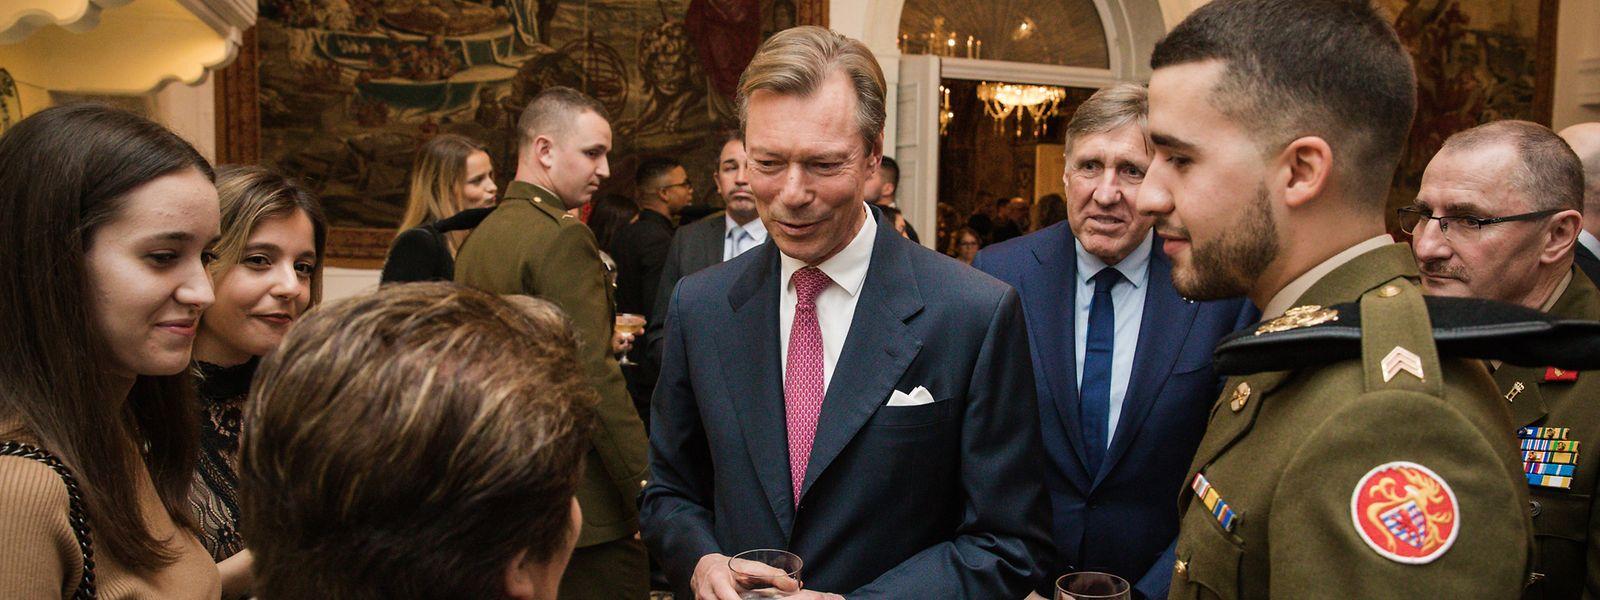 Le grand-duc Henri et ses invités